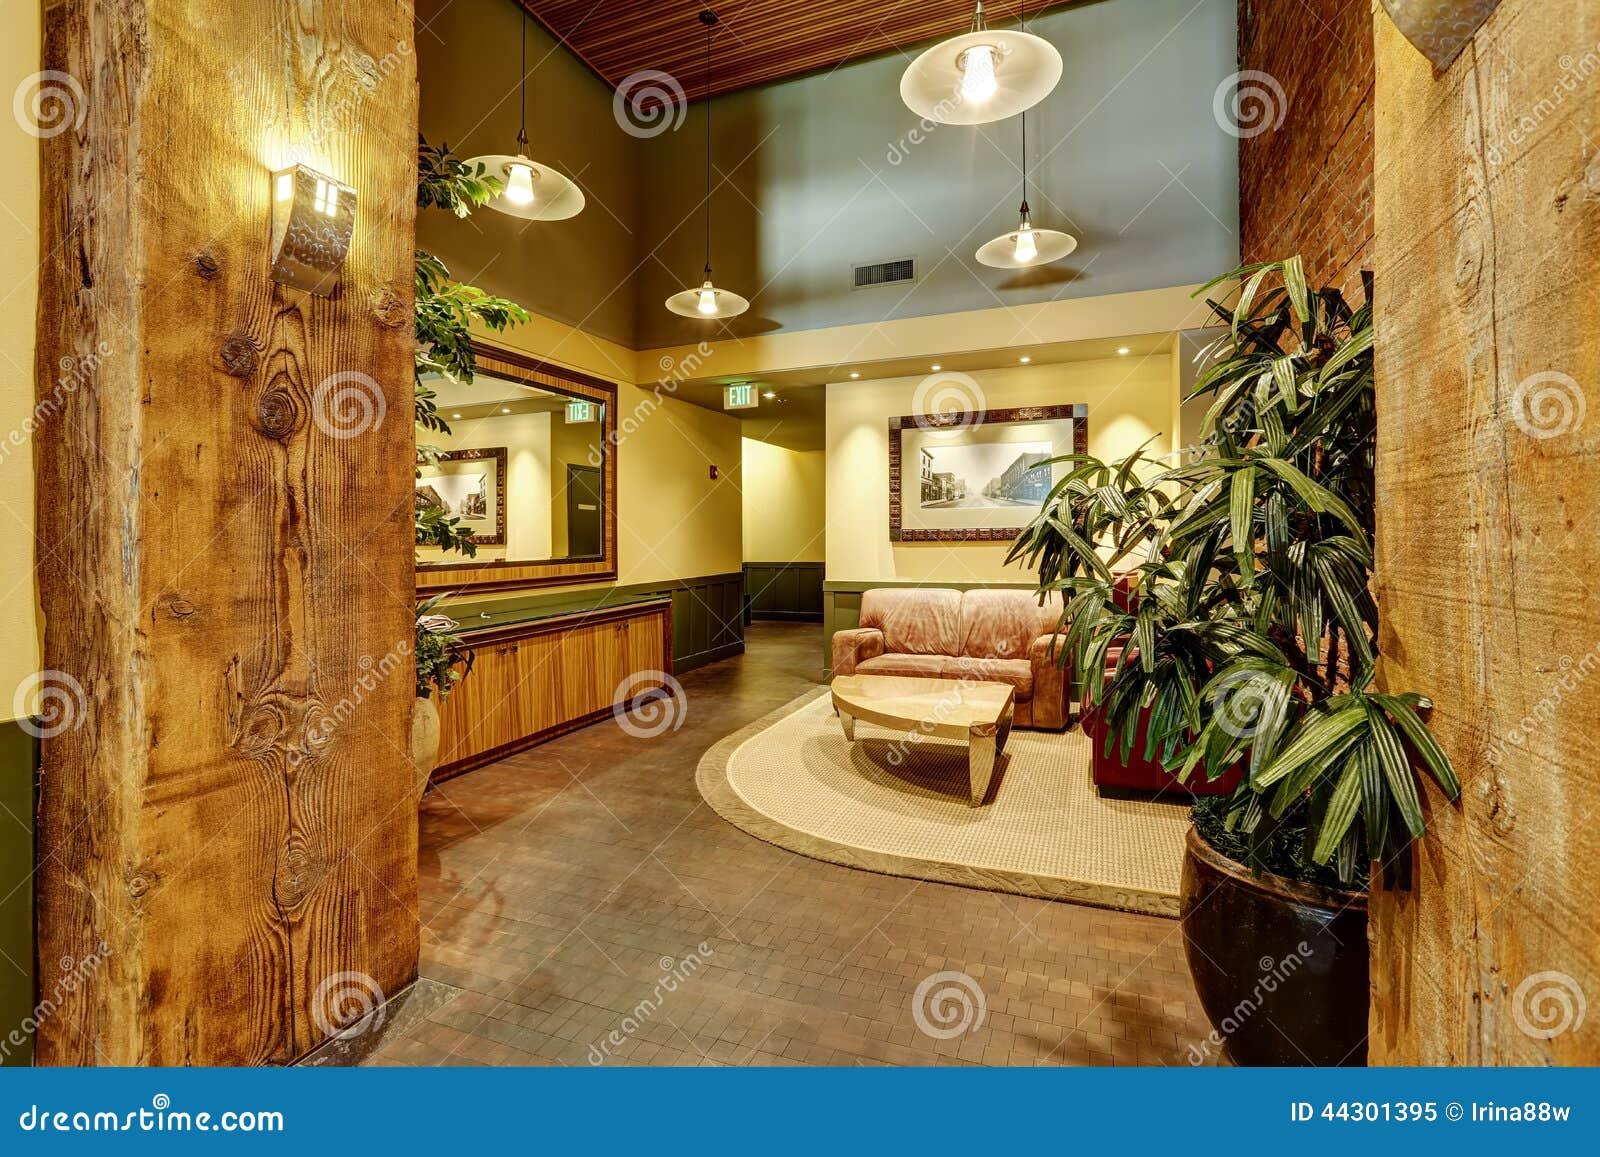 Mooie lounge met baksteen en houten versiering eigentijdse